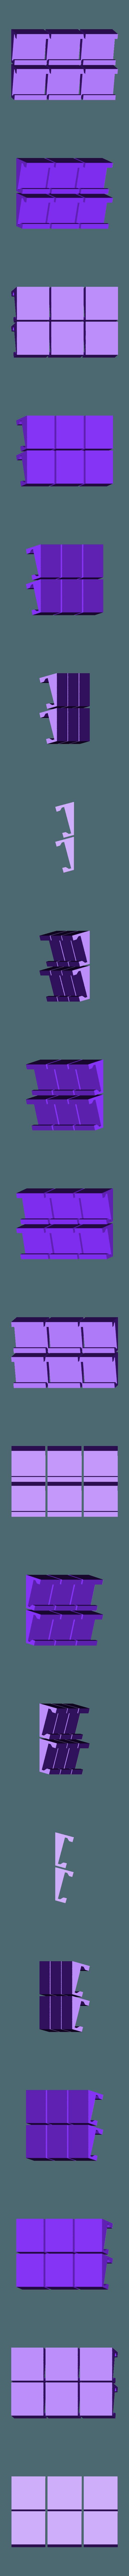 led_mount_15_6x.stl Télécharger fichier STL gratuit Bande de leds inclinée à 15°- Redimensionnée • Objet pour imprimante 3D, Gophy